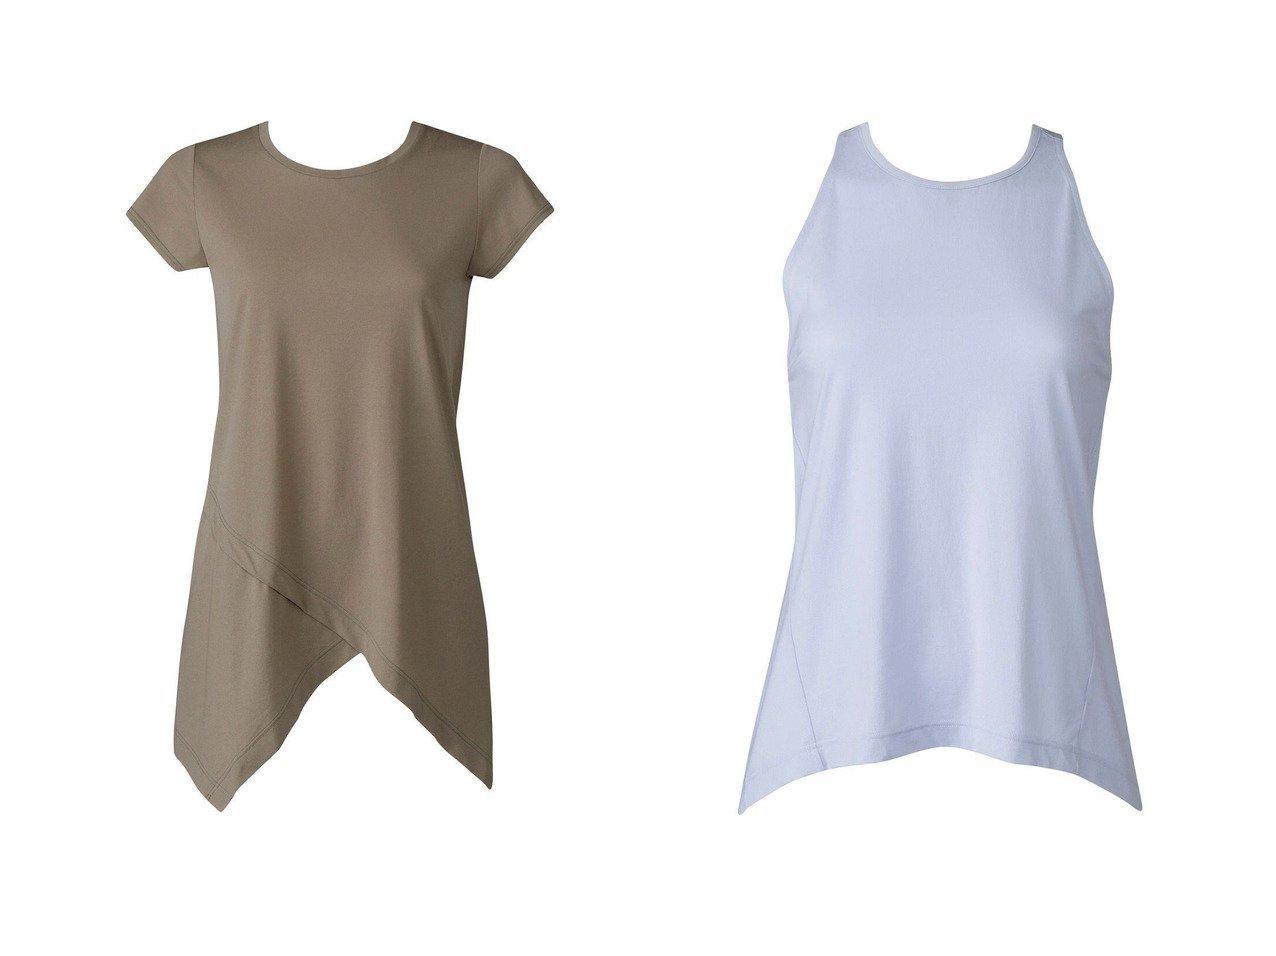 【CW-X/シーダブリューエックス】の【WOMEN】YOGAアウター ロングTシャツ 半袖ワコール&【WOMEN】YOGAアウター Tシャツ ノースリーブワコール スポーツウェア・ヨガ・運動・ダイエットグッズなどのおすすめ!人気トレンド・ファッション通販 おすすめで人気の流行・トレンド、ファッションの通販商品 インテリア・家具・メンズファッション・キッズファッション・レディースファッション・服の通販 founy(ファニー) https://founy.com/ ファッション Fashion レディースファッション WOMEN アウター Coat Outerwear トップス・カットソー Tops/Tshirt シャツ/ブラウス Shirts/Blouses ロング / Tシャツ T-Shirts キャミソール / ノースリーブ No Sleeves 送料無料 Free Shipping アシンメトリー ロング 半袖 ノースリーブ  ID:crp329100000041132